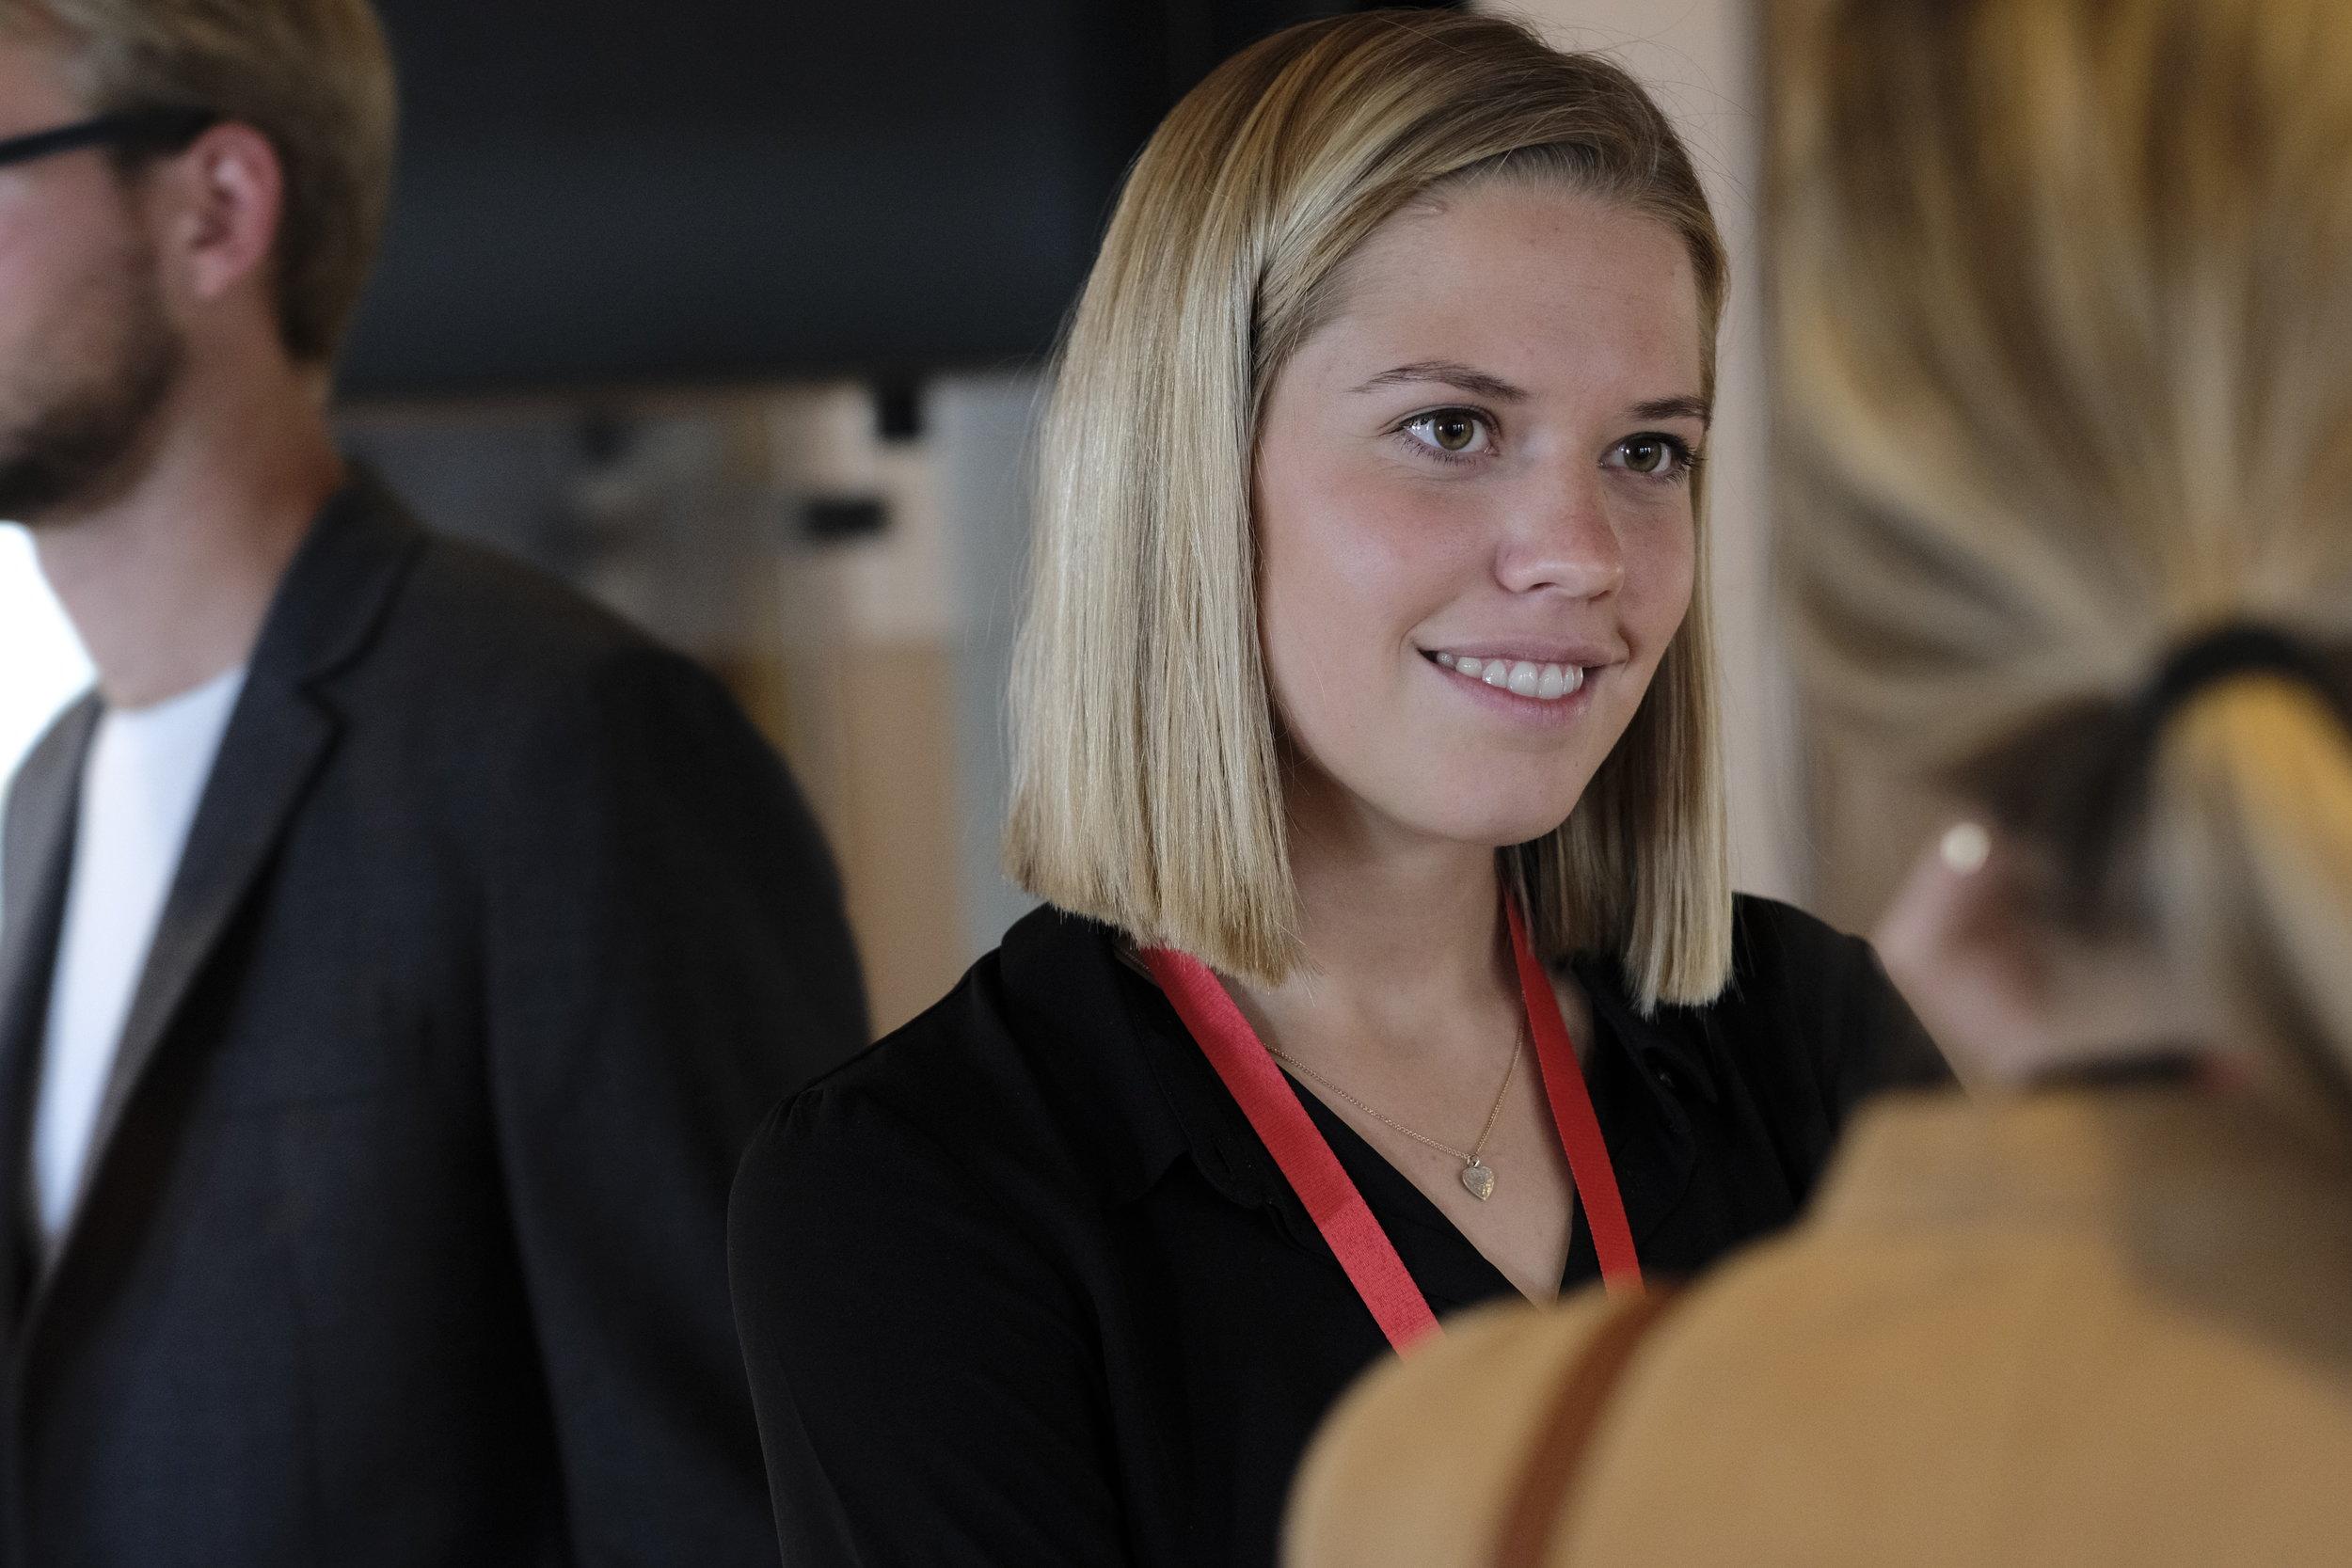 Mina Fredrikke Bohne - MPhil Development Studies